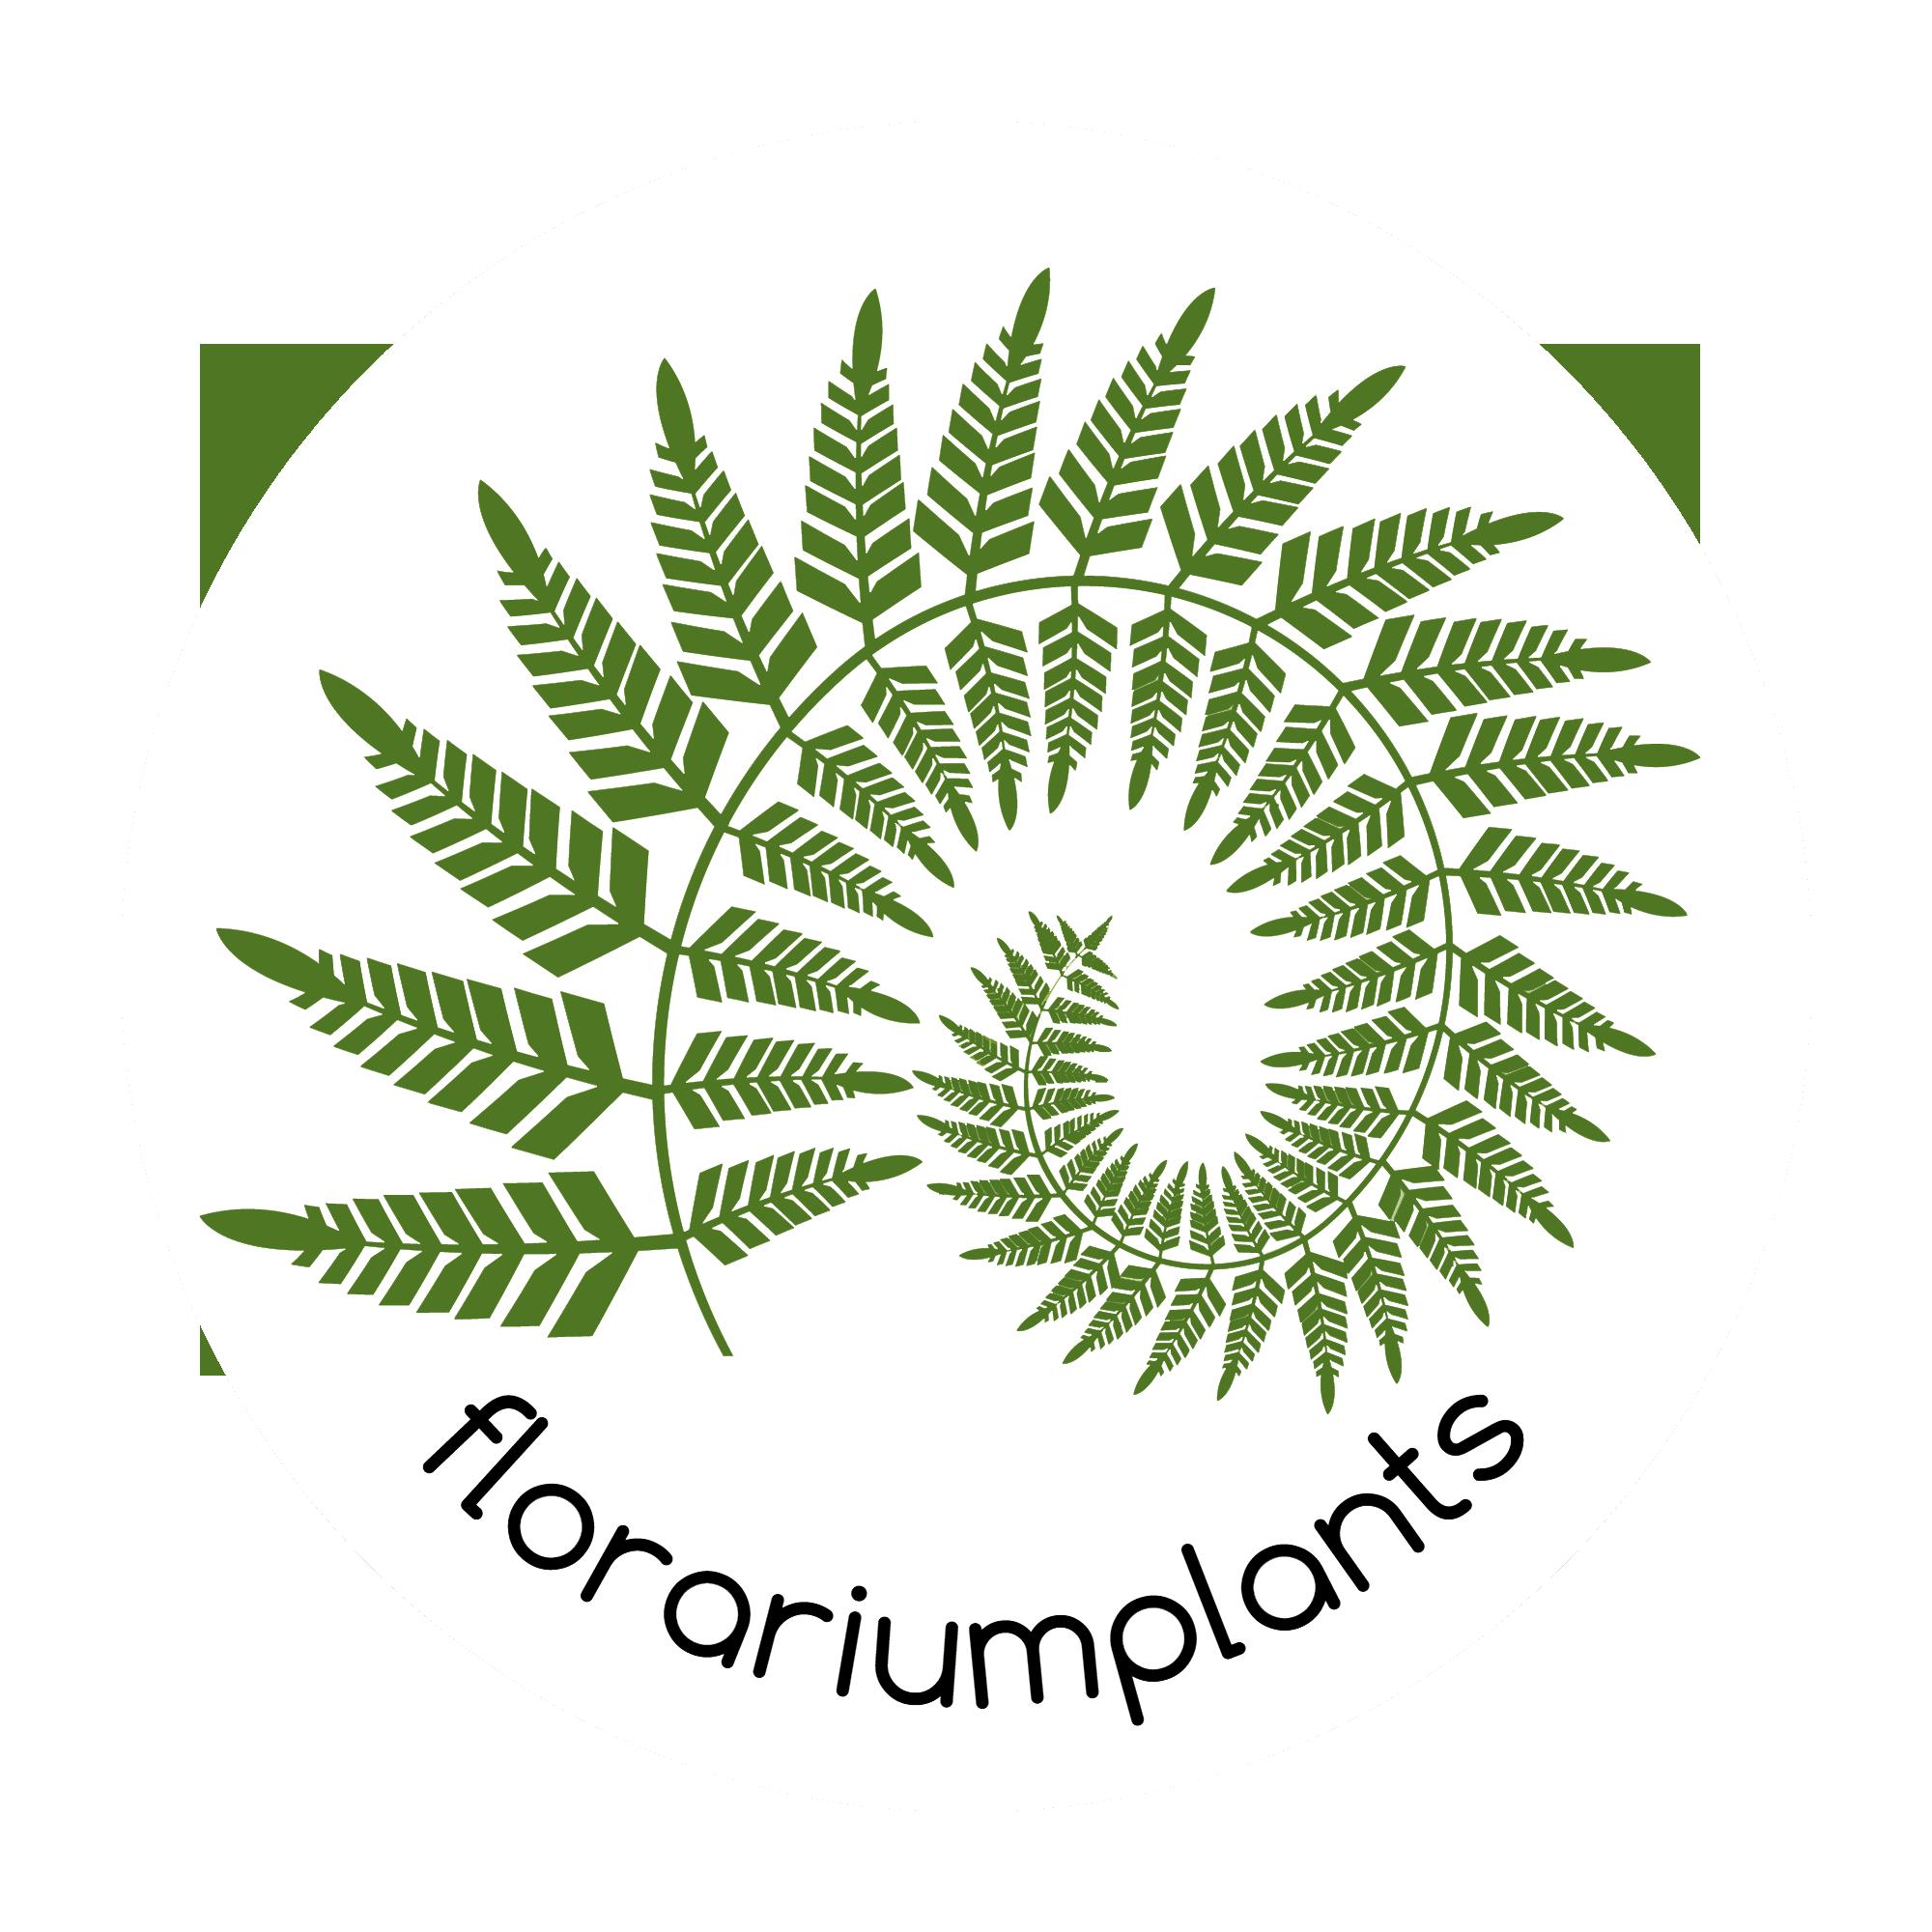 Florariumplants-все для создания тропического террариума и готовые композиции